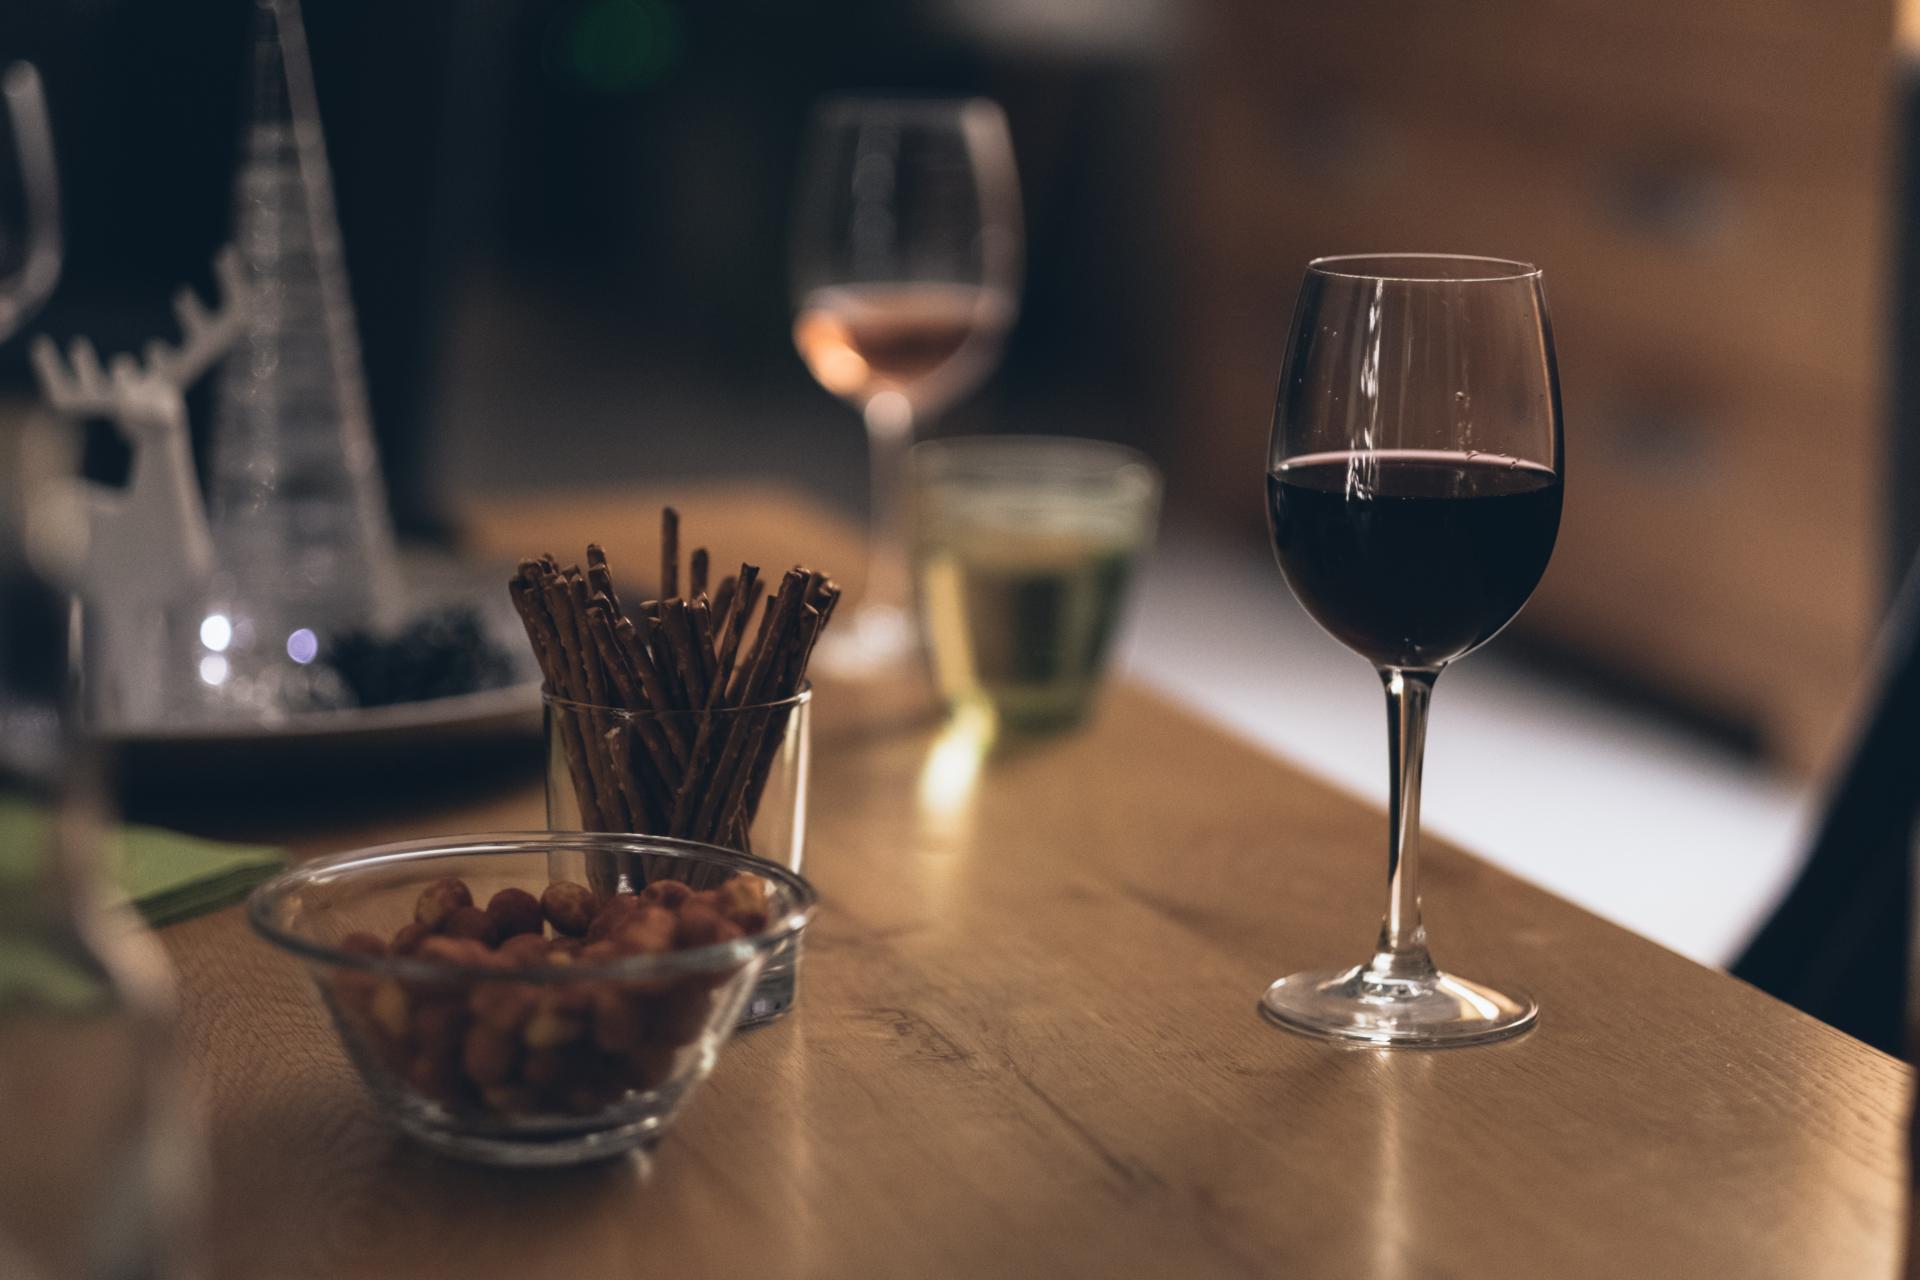 Esti pasionat de vinuri? Afla tot ceea ce trebuie sa stii despre principalele soiuri de struguri!